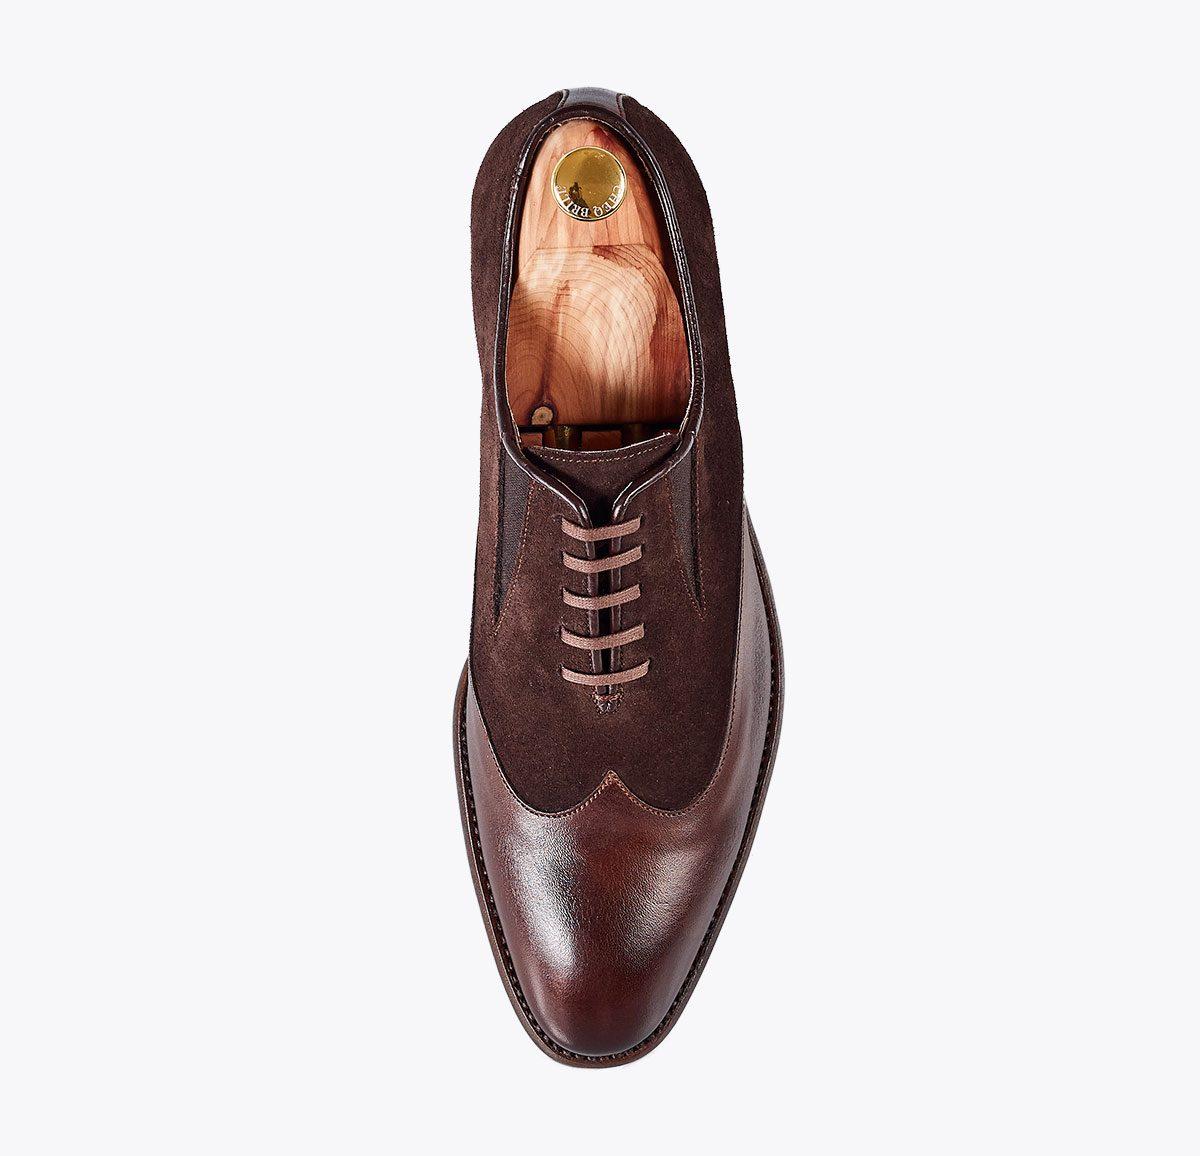 Zapato Napoleón hecho a mano en mandalashoes, Santanyí Mallorca. Hand made shoes. Nach Mass Schuhe